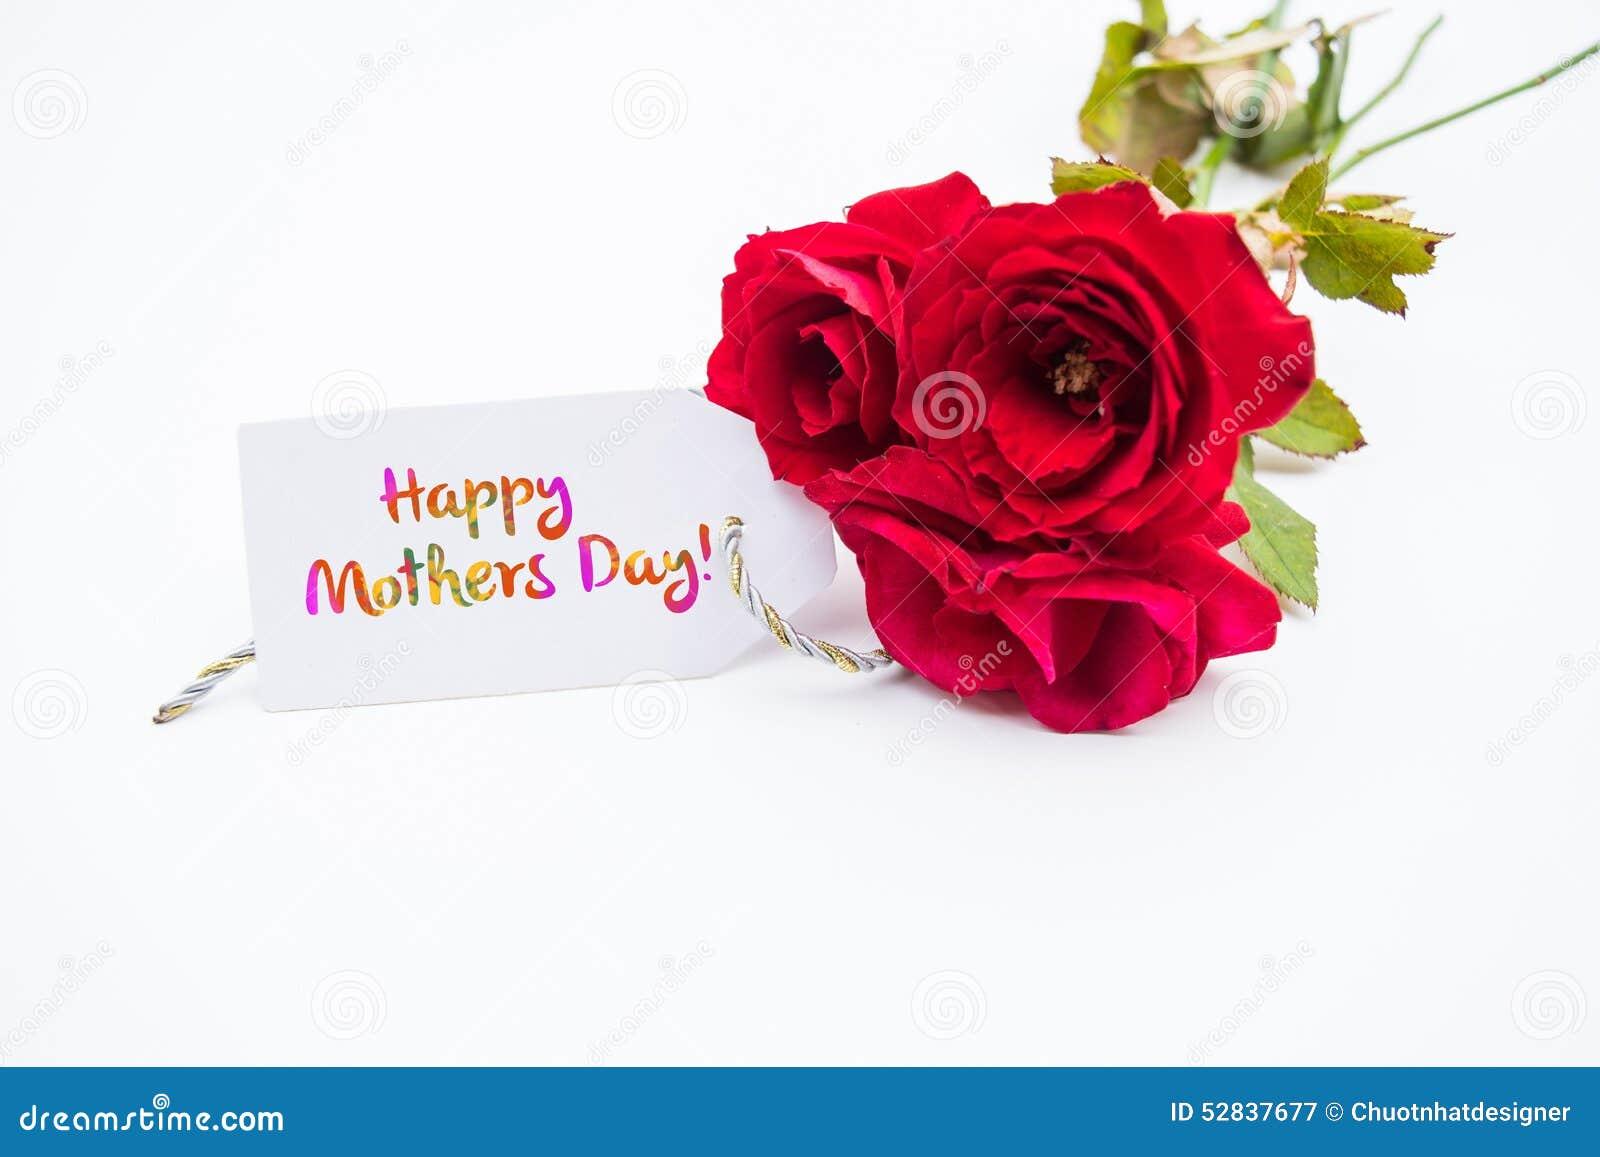 Feche acima de um ramalhete de rosas cor-de-rosa com um dia de mães feliz